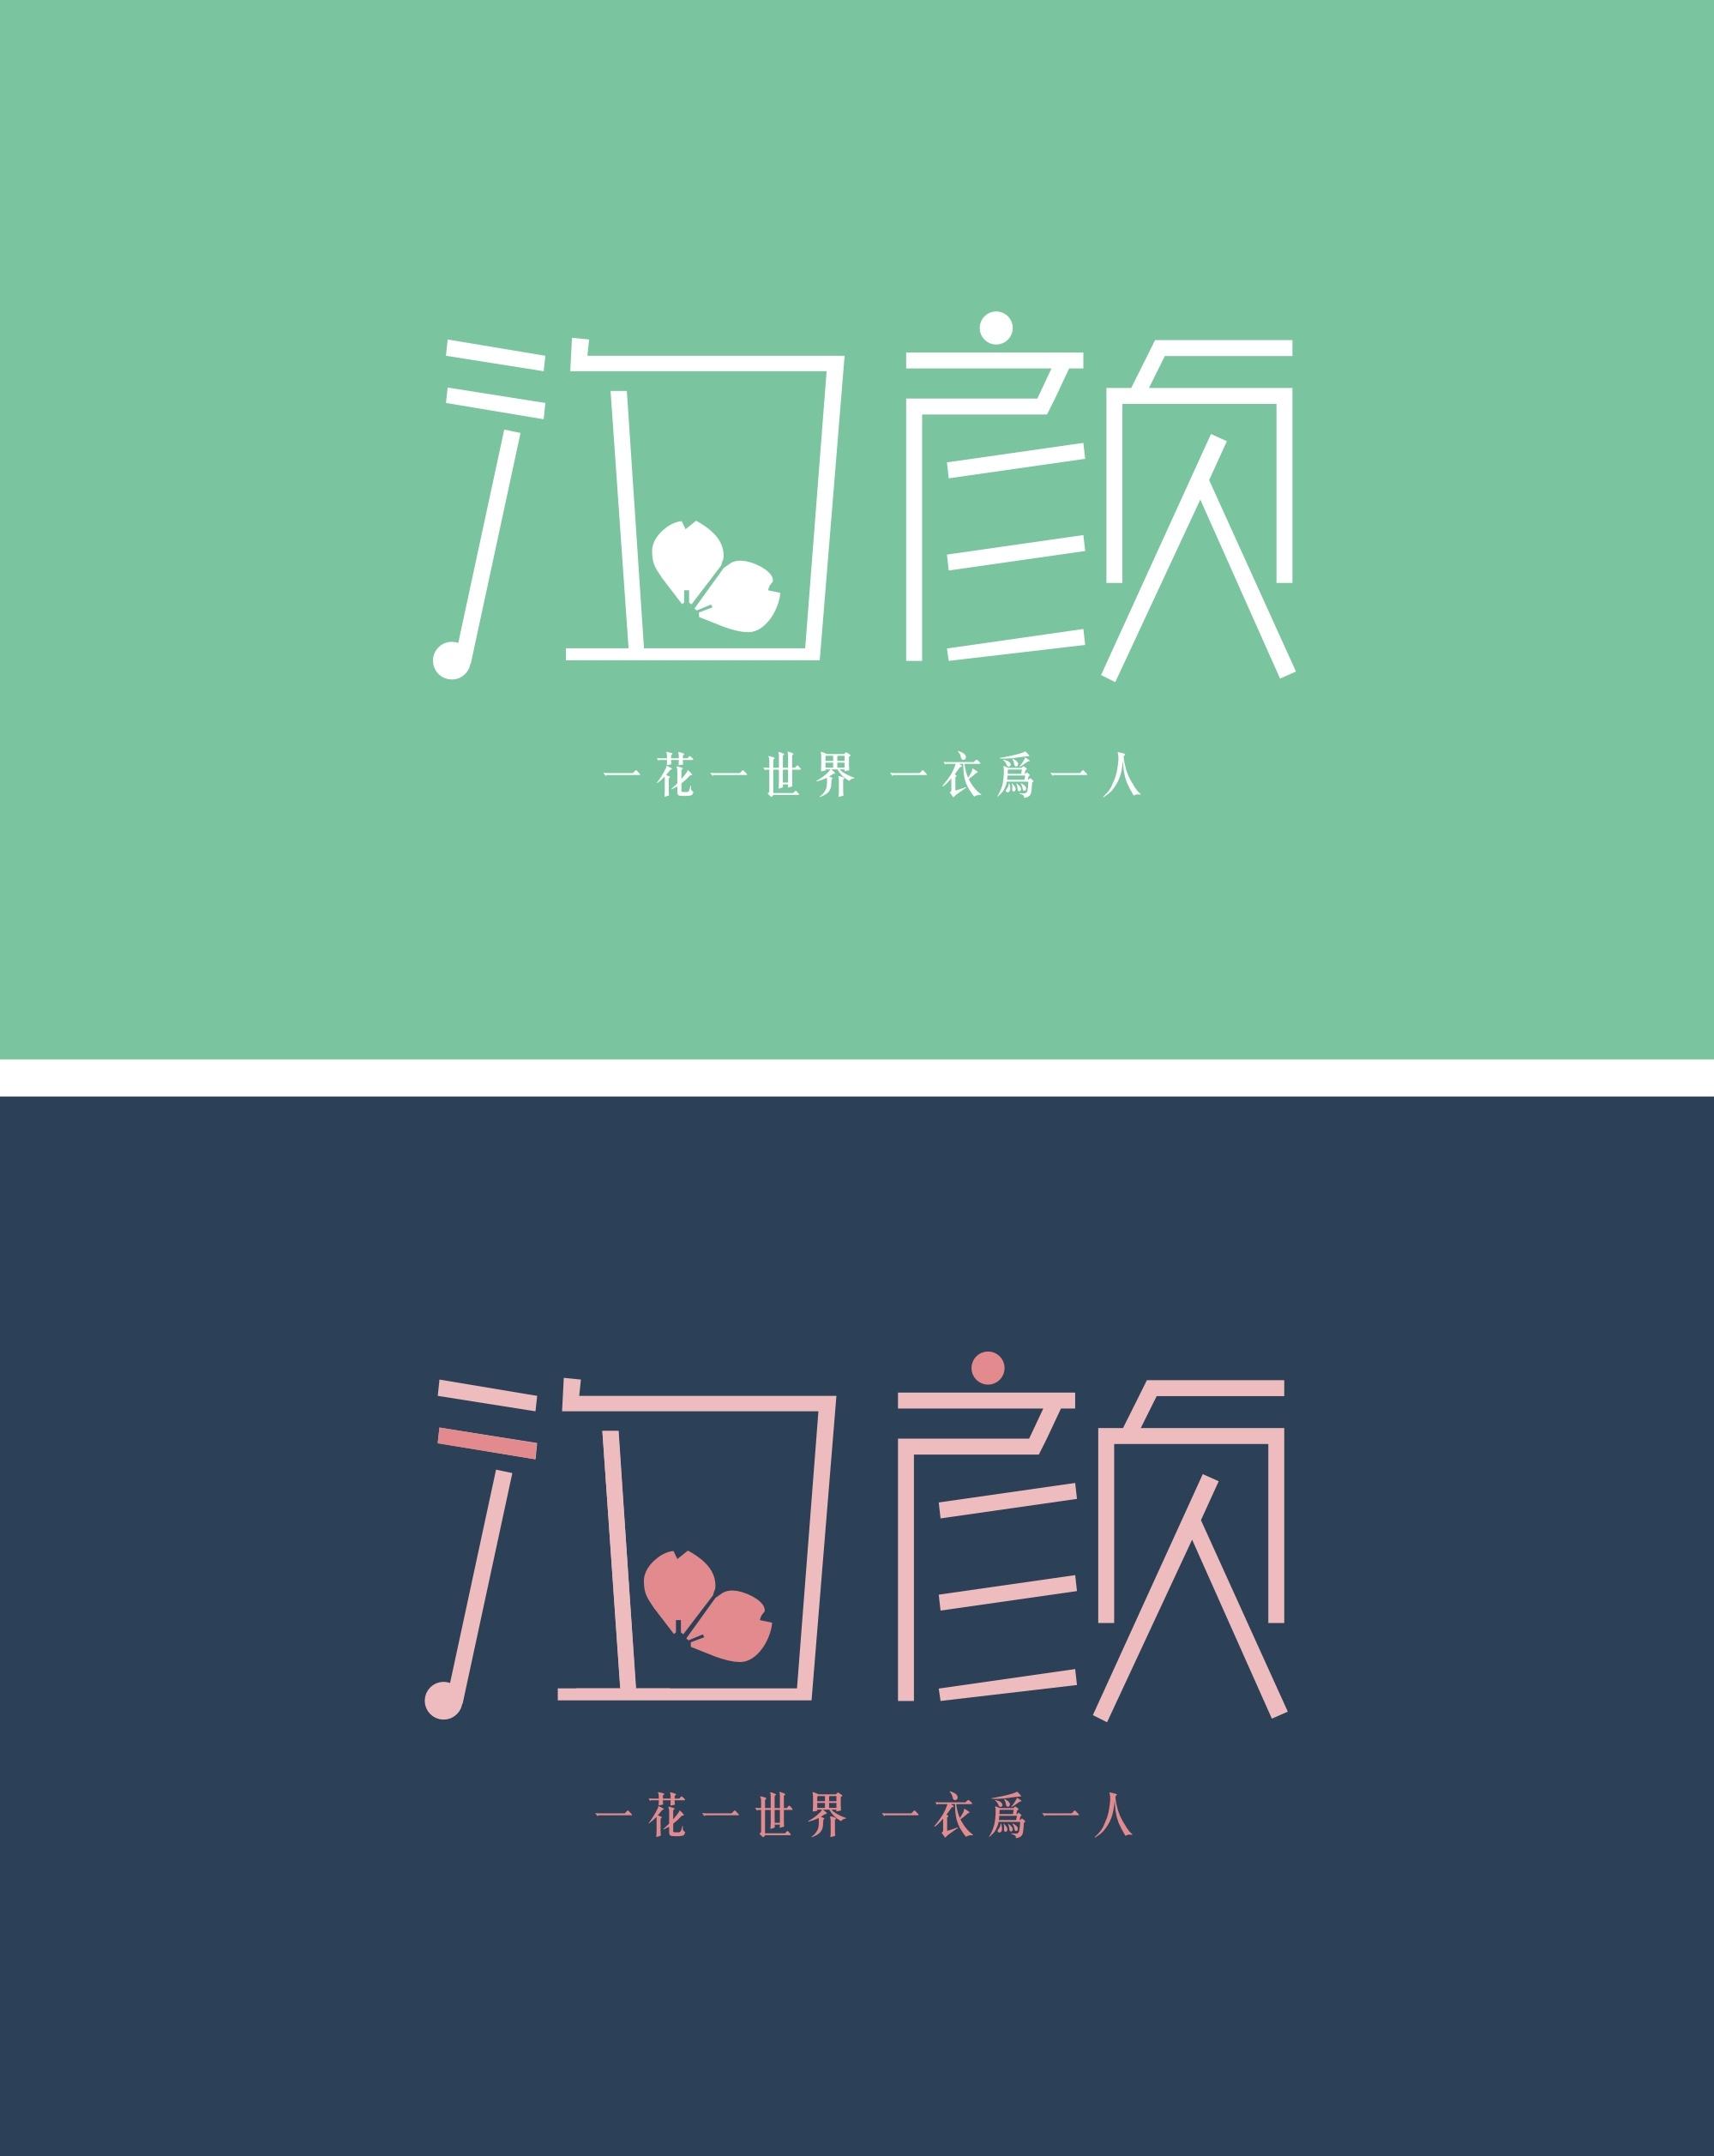 品牌包装:汐颜服装店logo设计图片